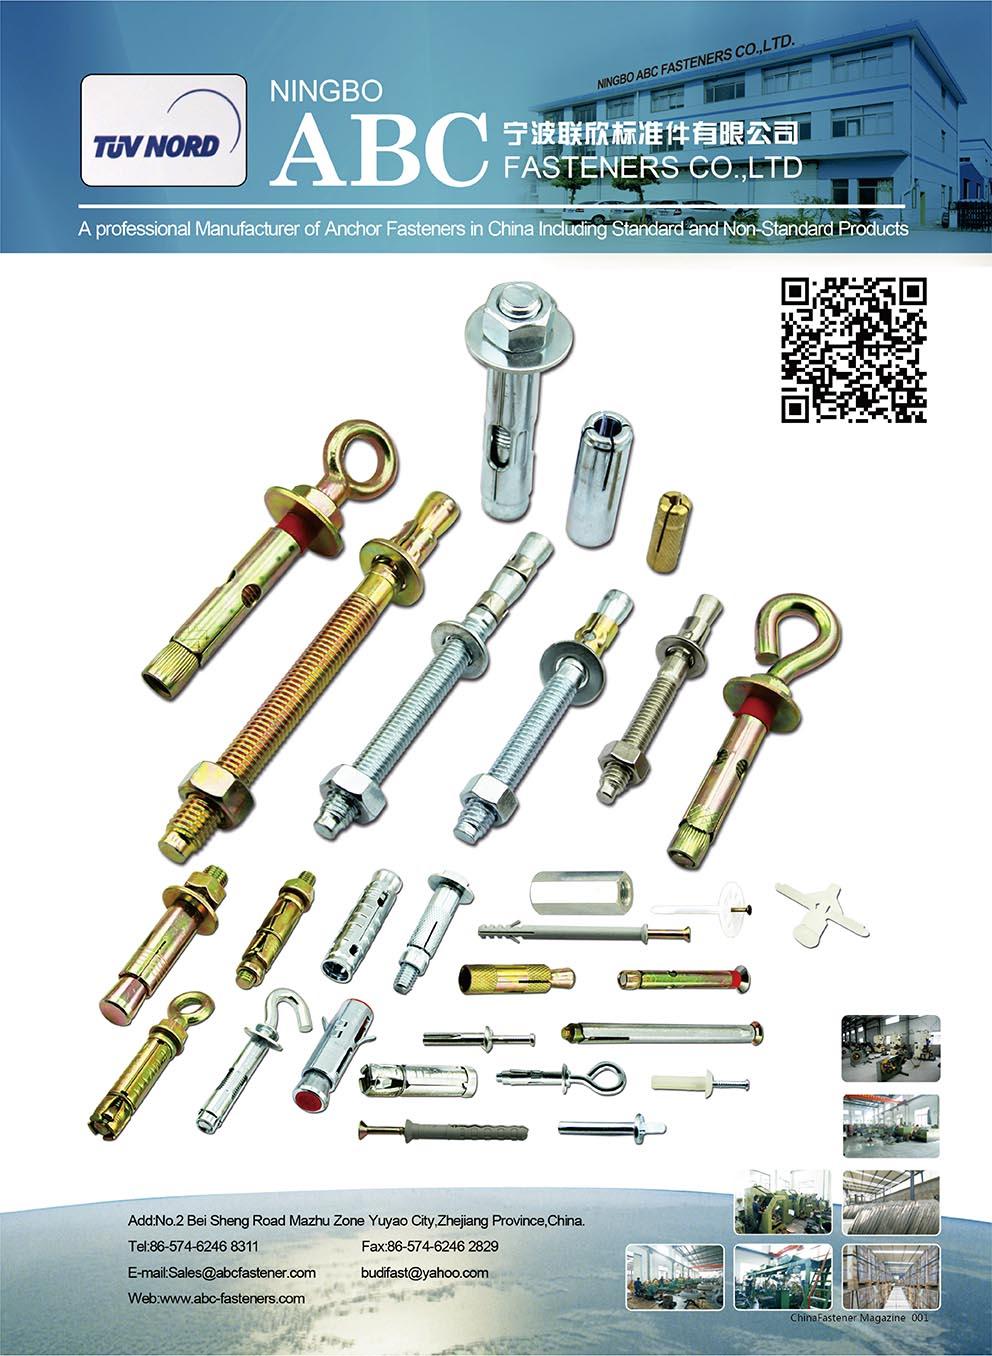 ChinaFastener Magazine - ChinaFastener com